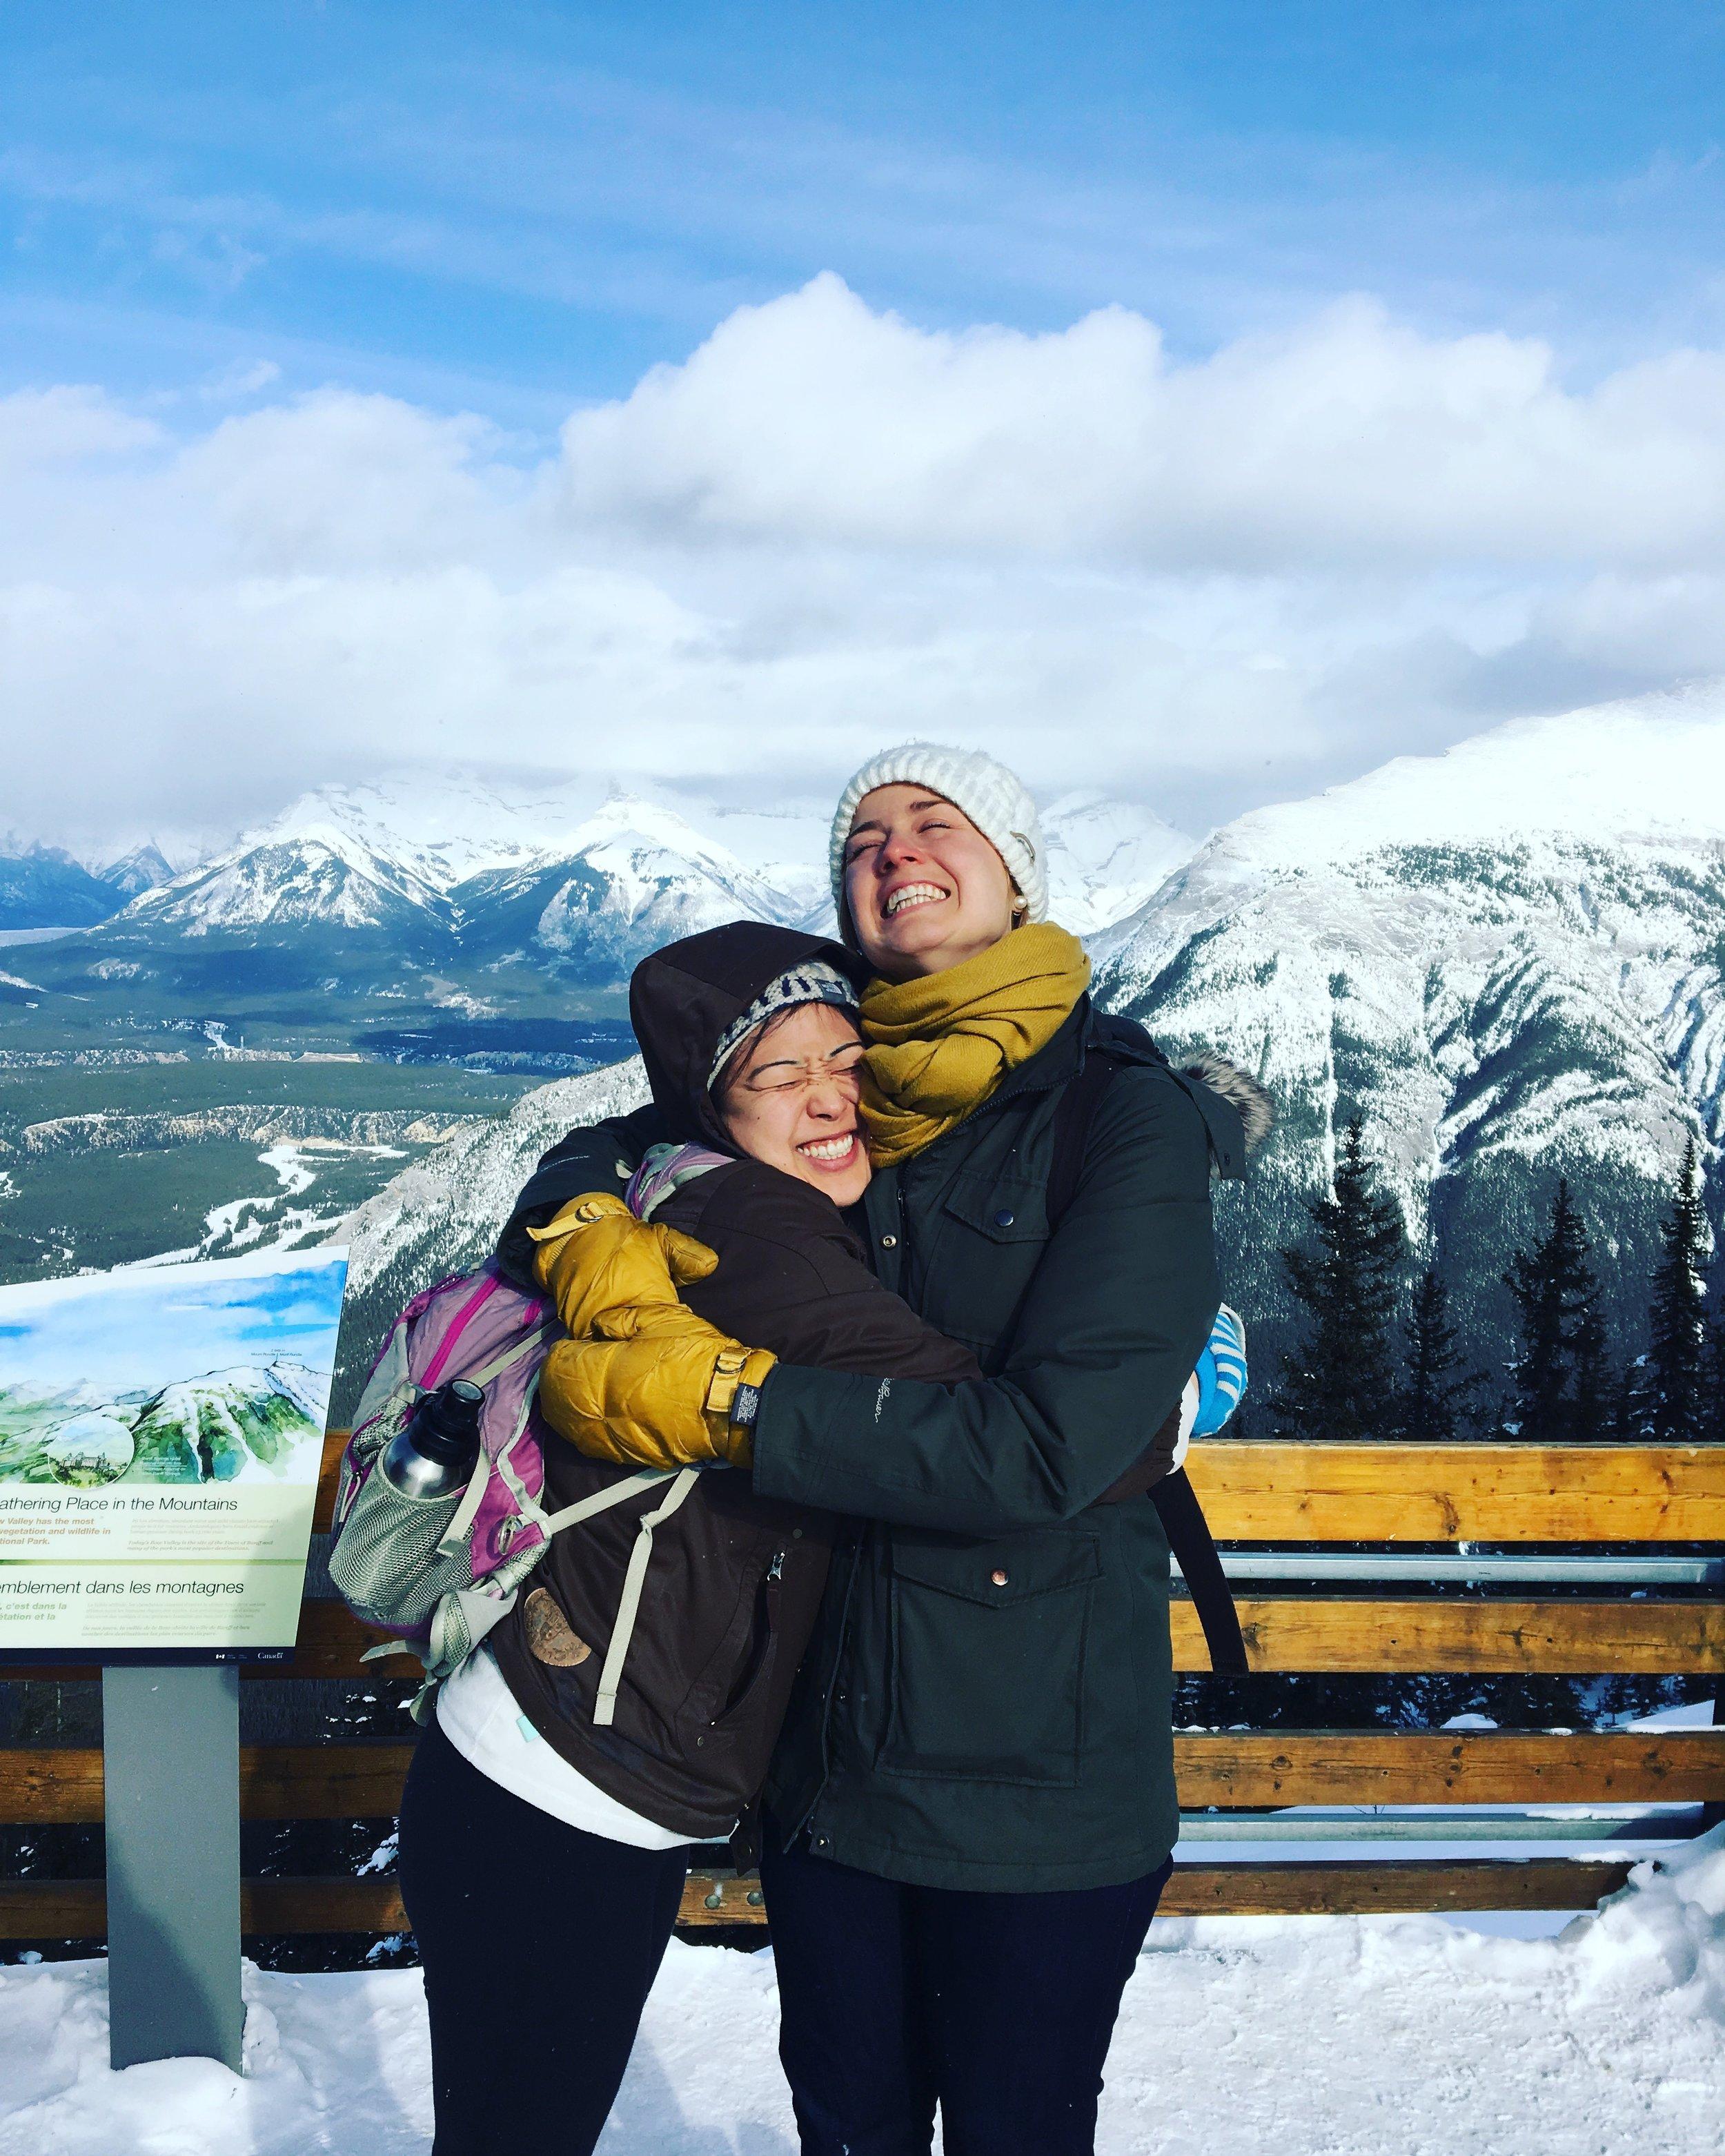 atop Sulphur Mountain!